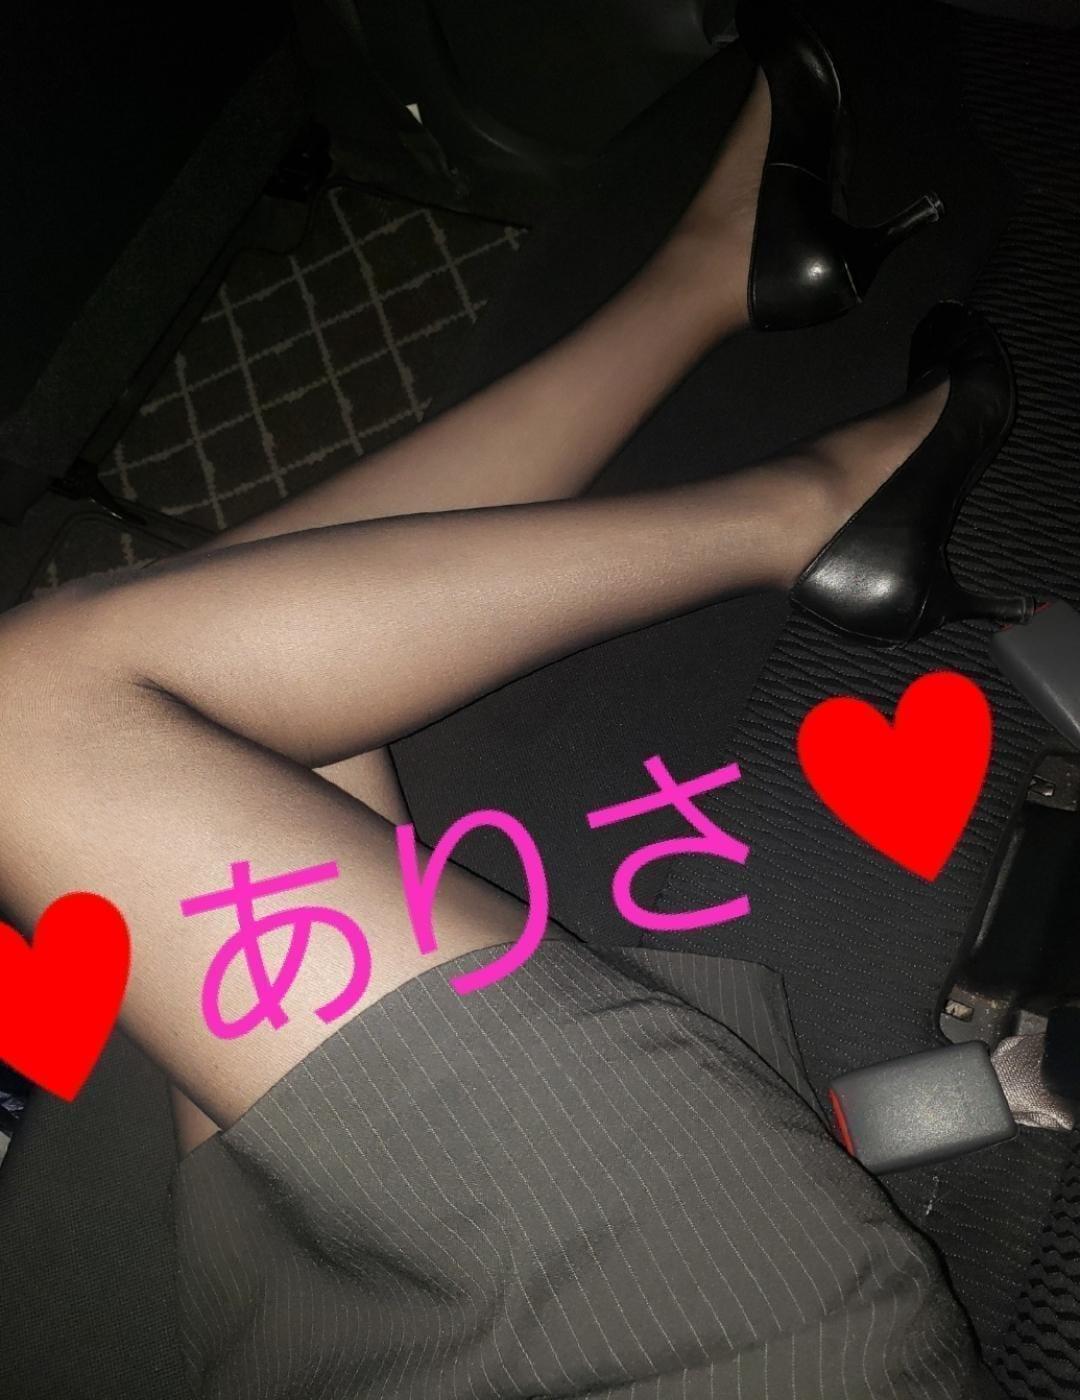 佐藤 ありさ「今日のありさ☆」09/23(月) 01:08 | 佐藤 ありさの写メ・風俗動画